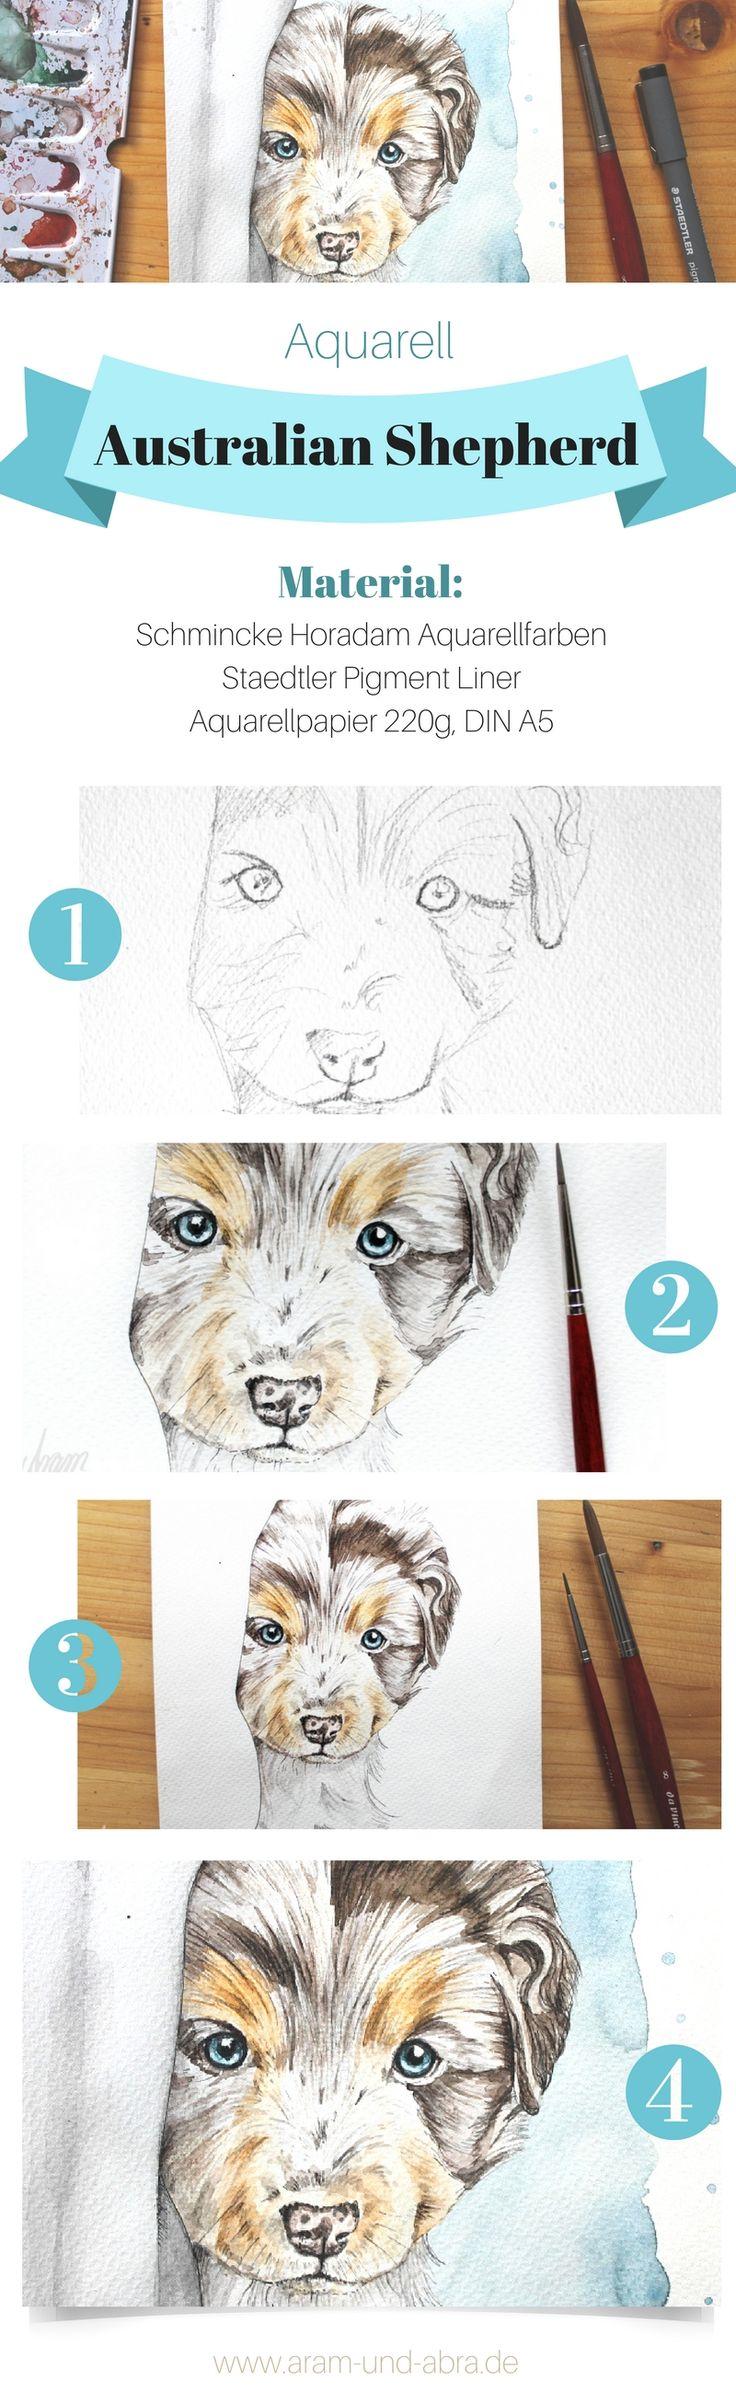 Zeichnung Aquarell von Hund Buddy (Australian Shepherd). Tierportraits und Illus…